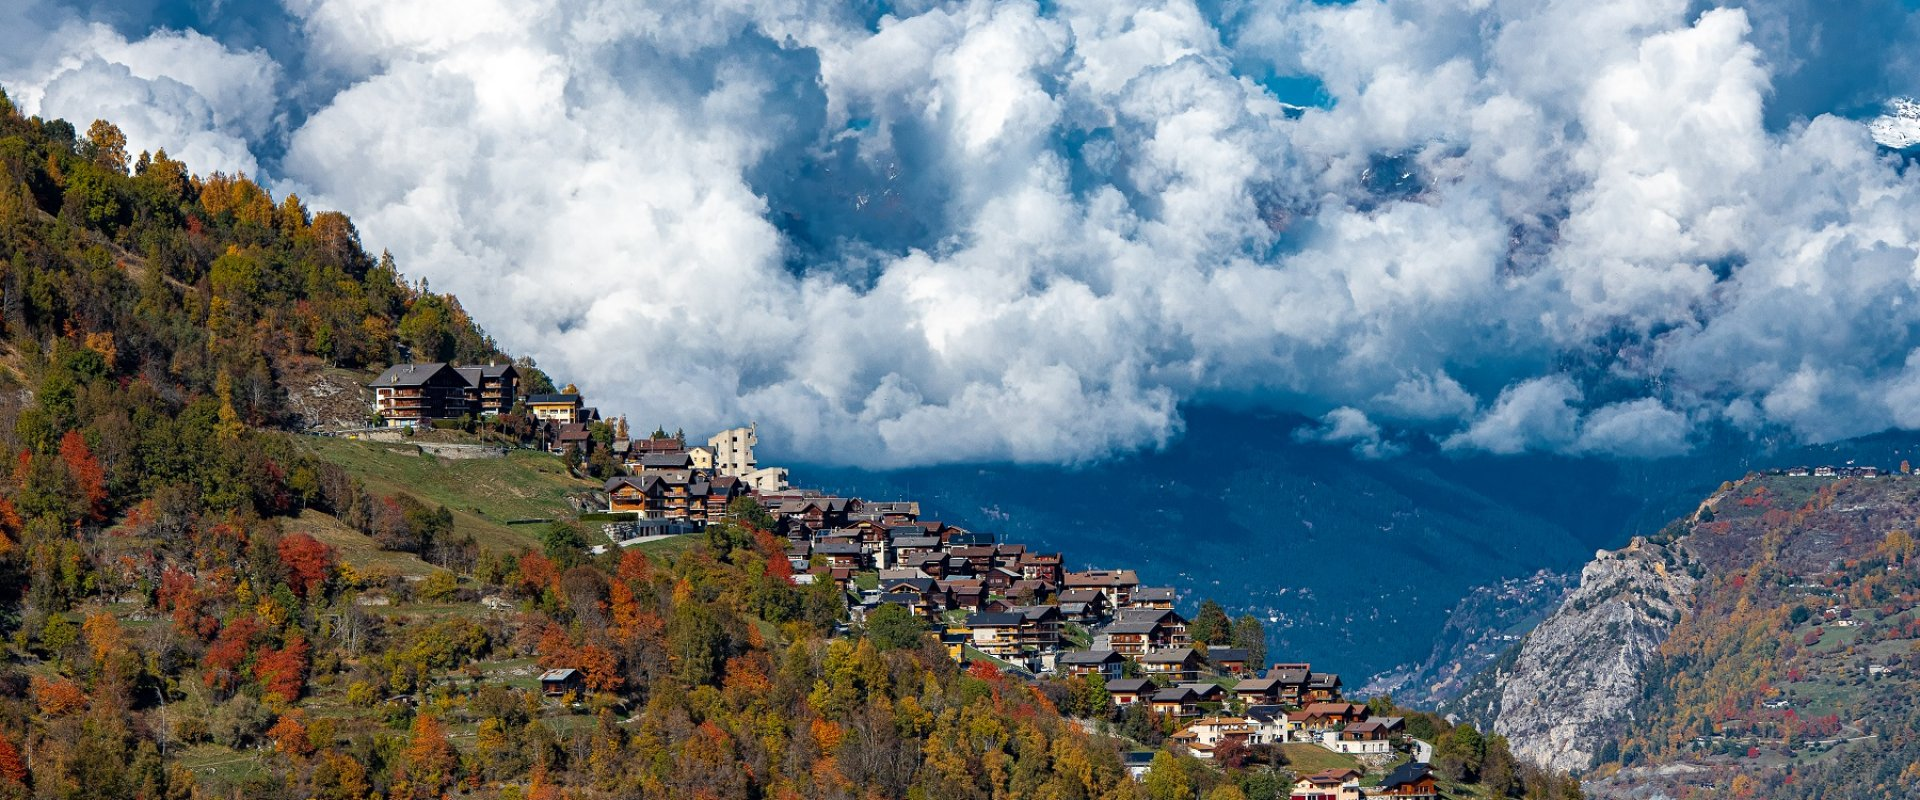 Hérémence und typische Dörfer